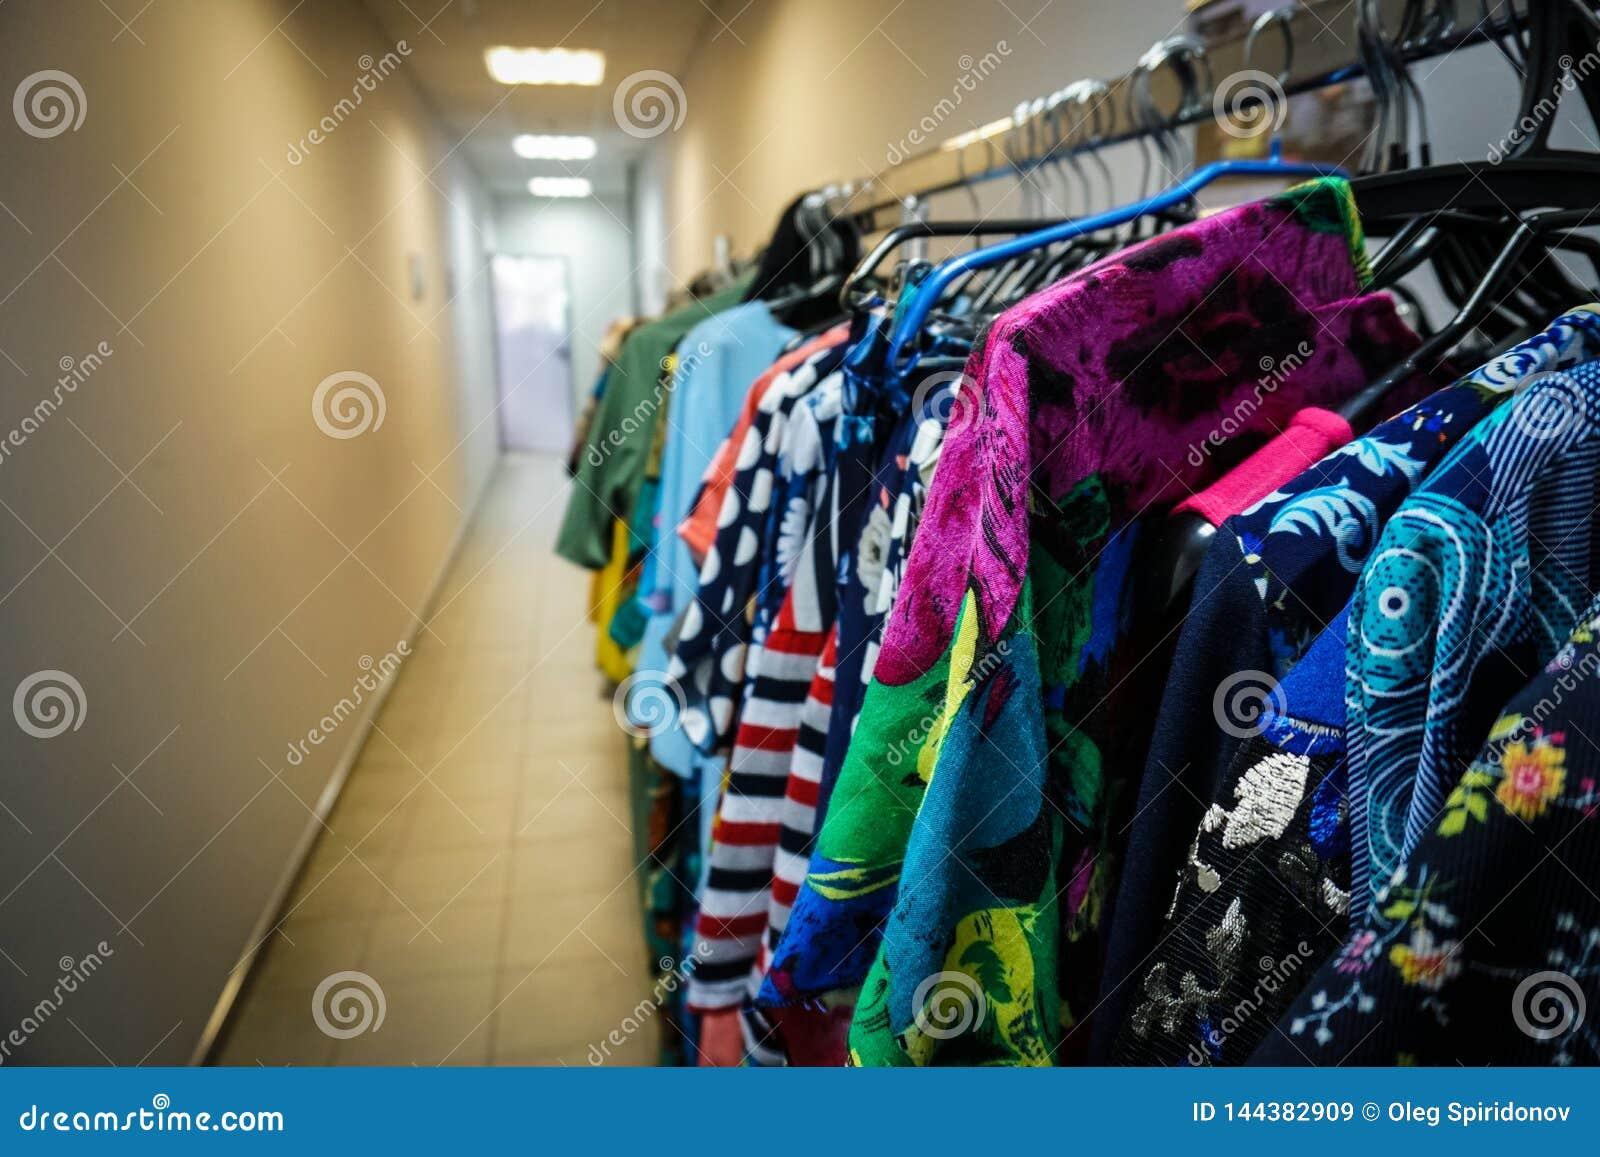 Mehrfarbige Kleidung